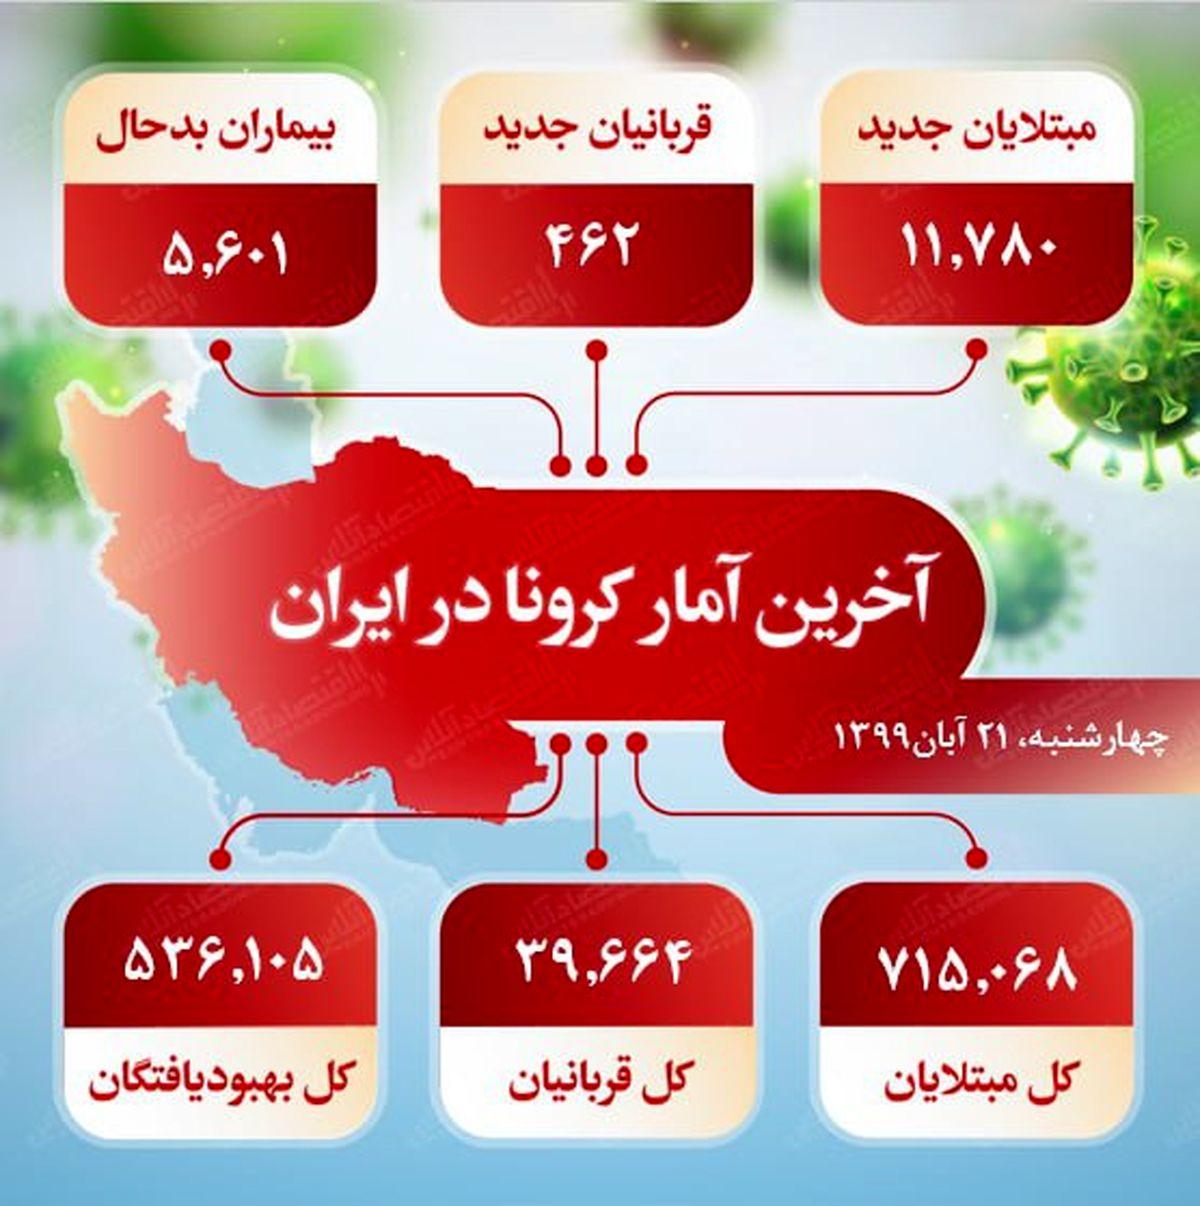 آخرین آمار کرونا در ایران (۹۹/۸/۲۱)